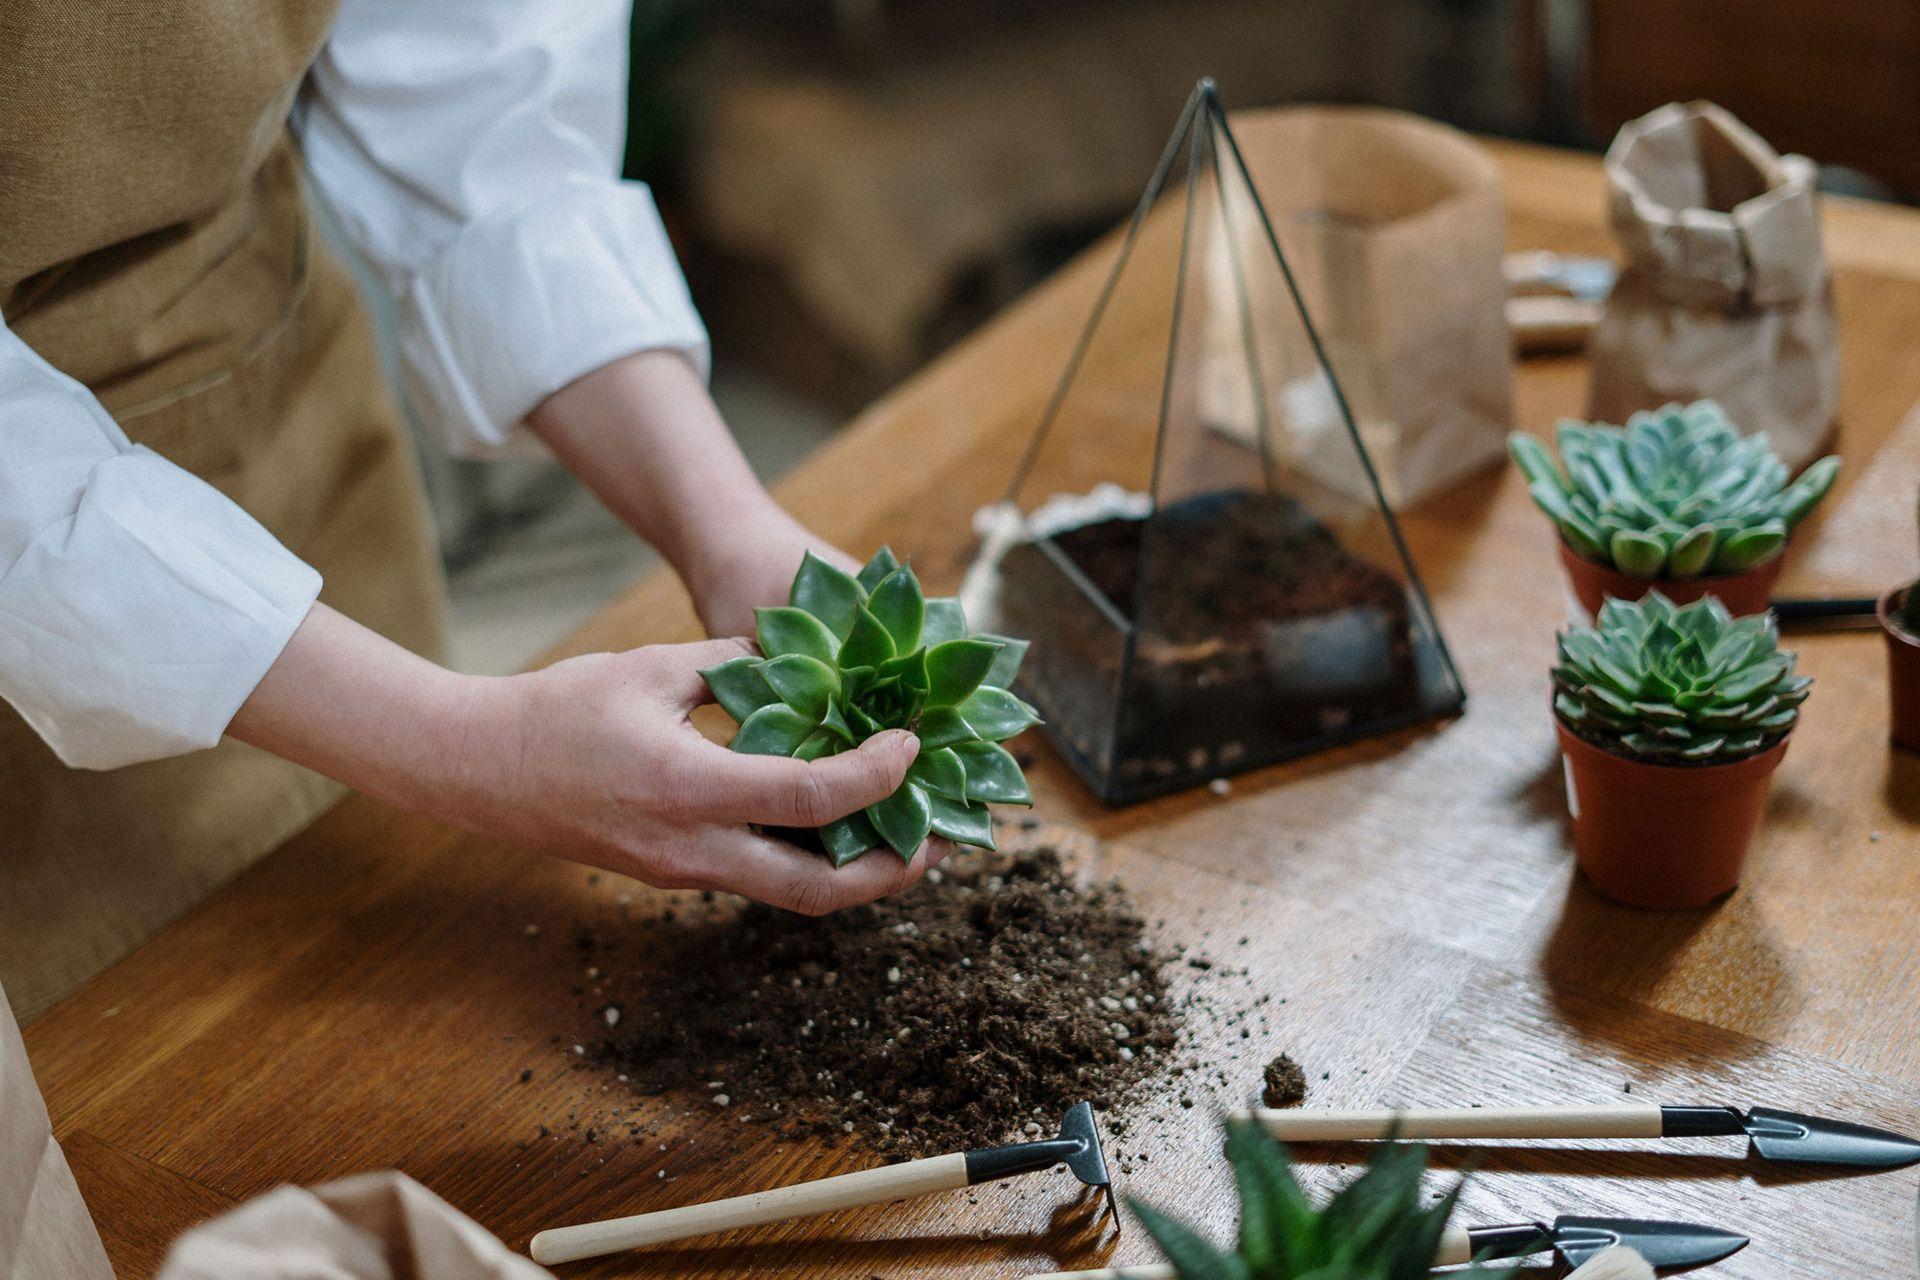 Terrarios: son tendencia en la decoración de interiores y entre los amantes de las plantas.